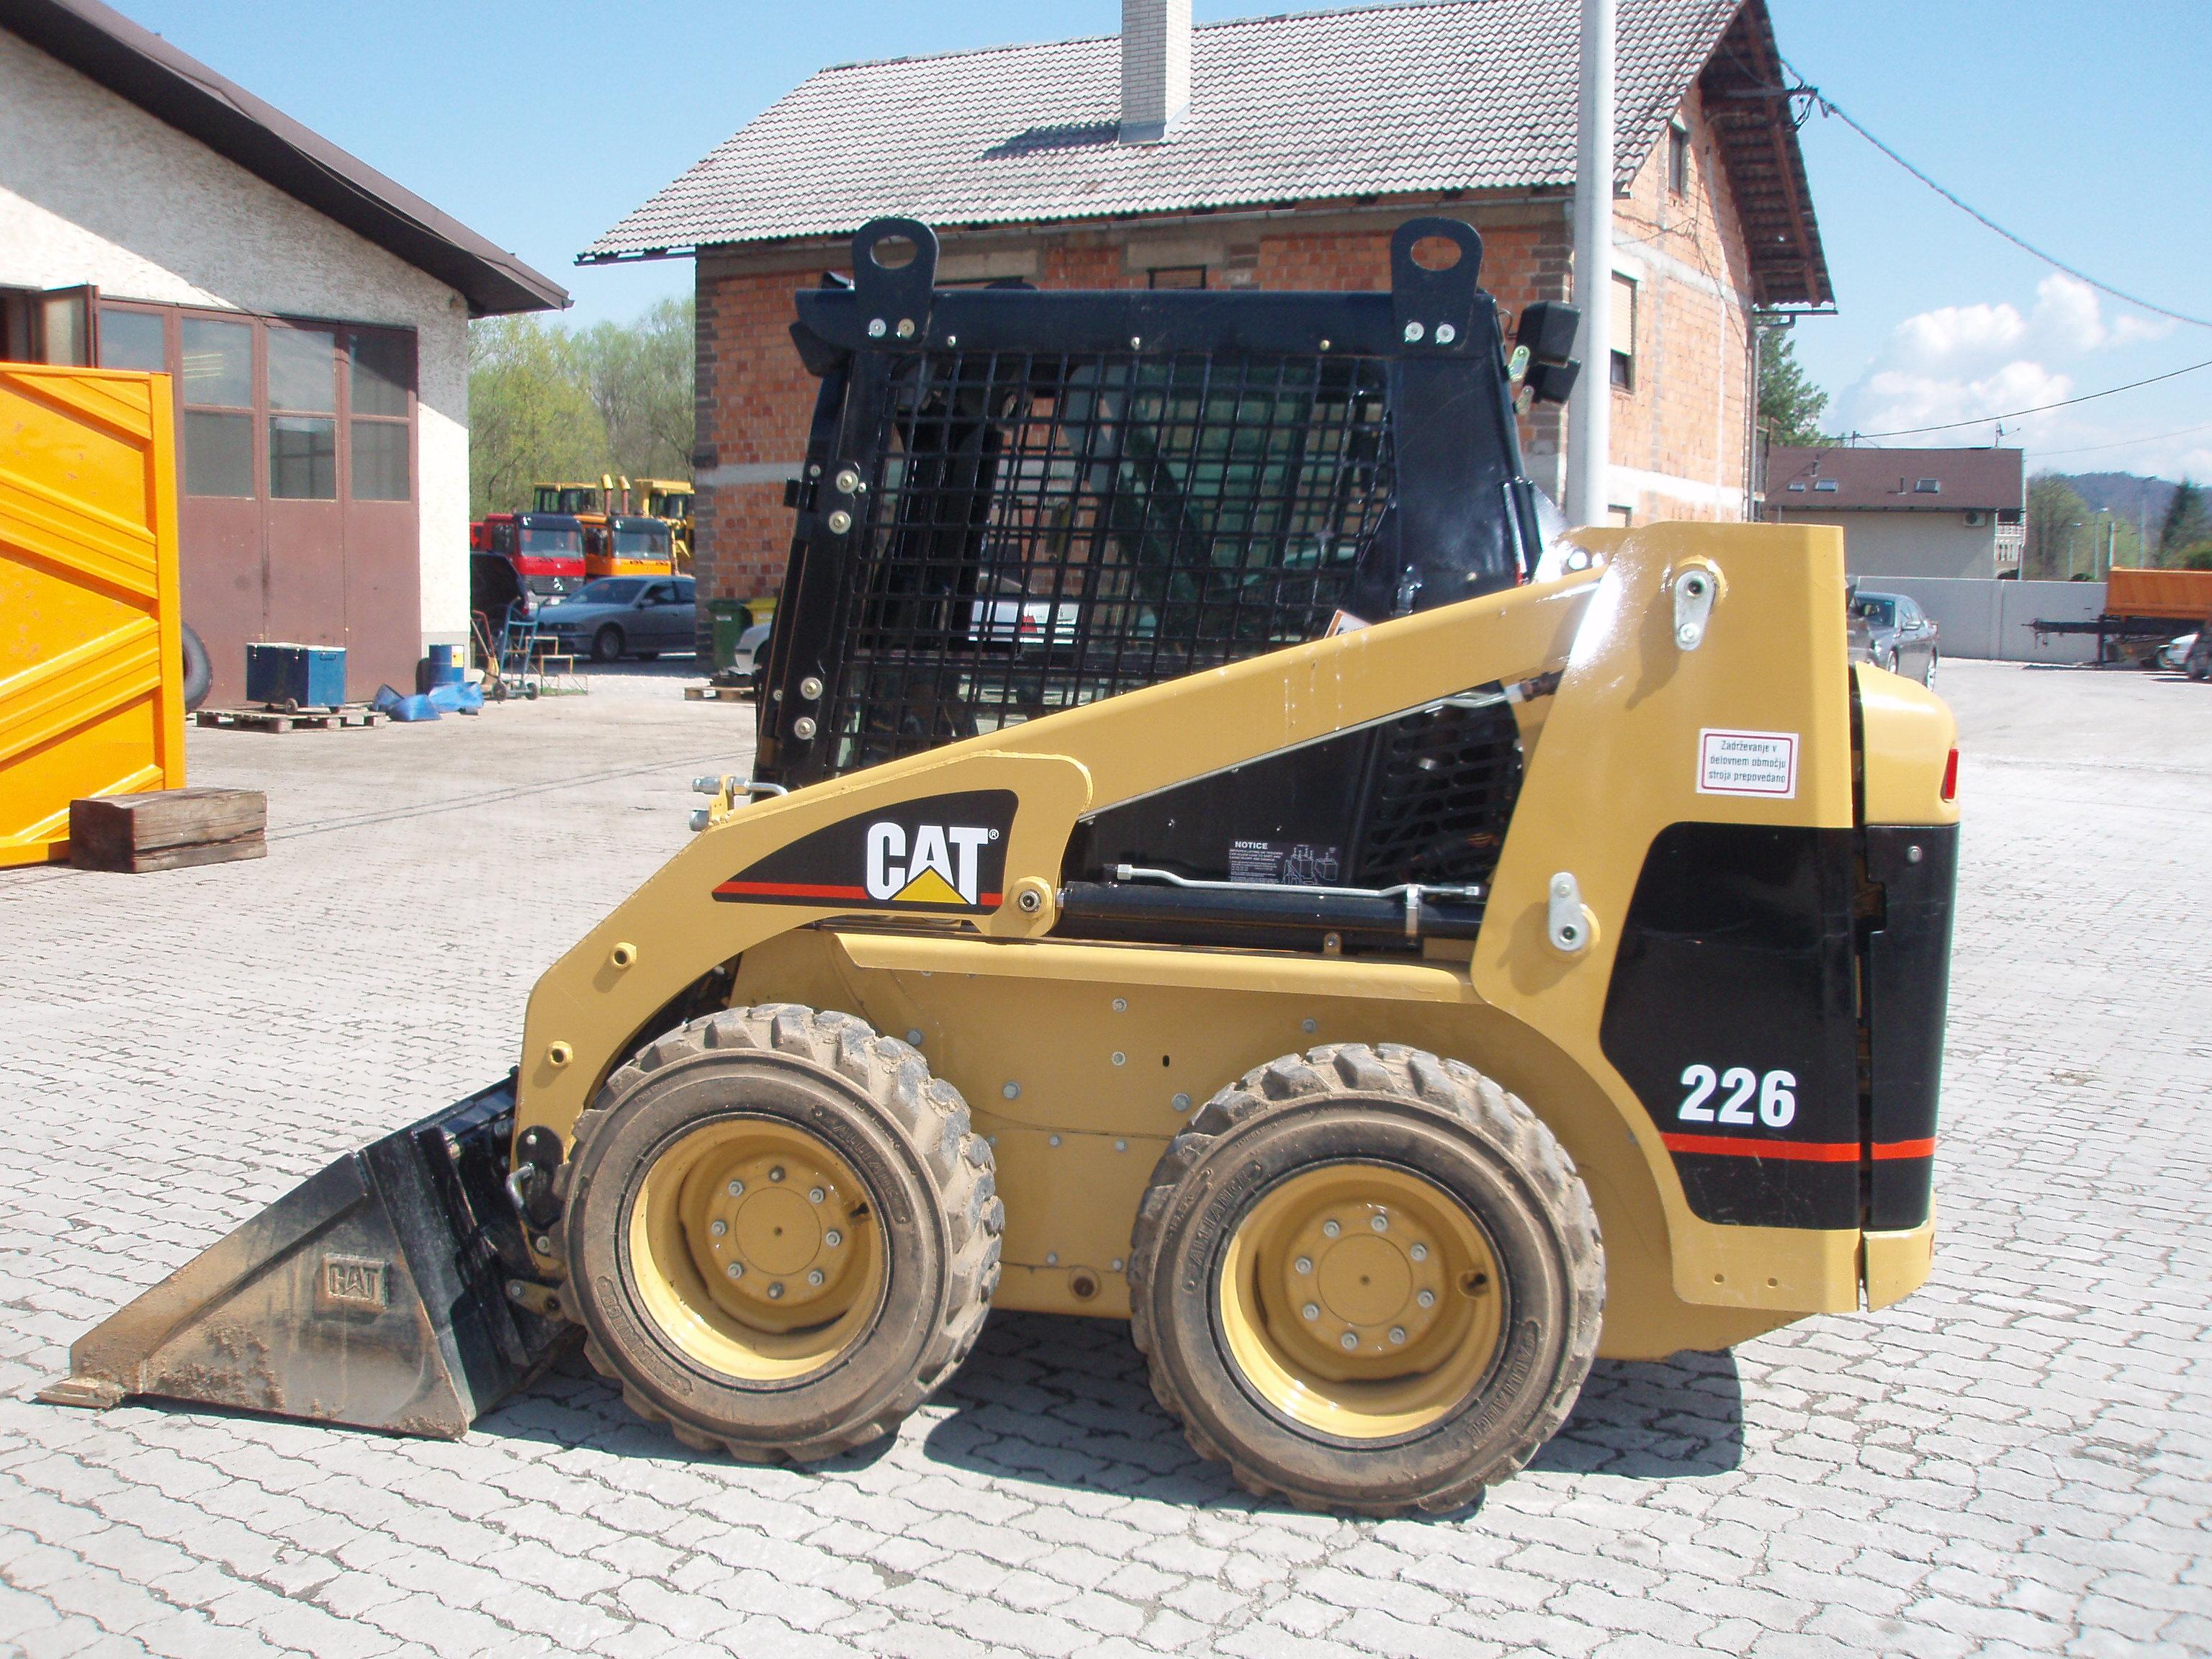 Cat Skid Steer : Caterpillar skid steer loaders b sold we sell